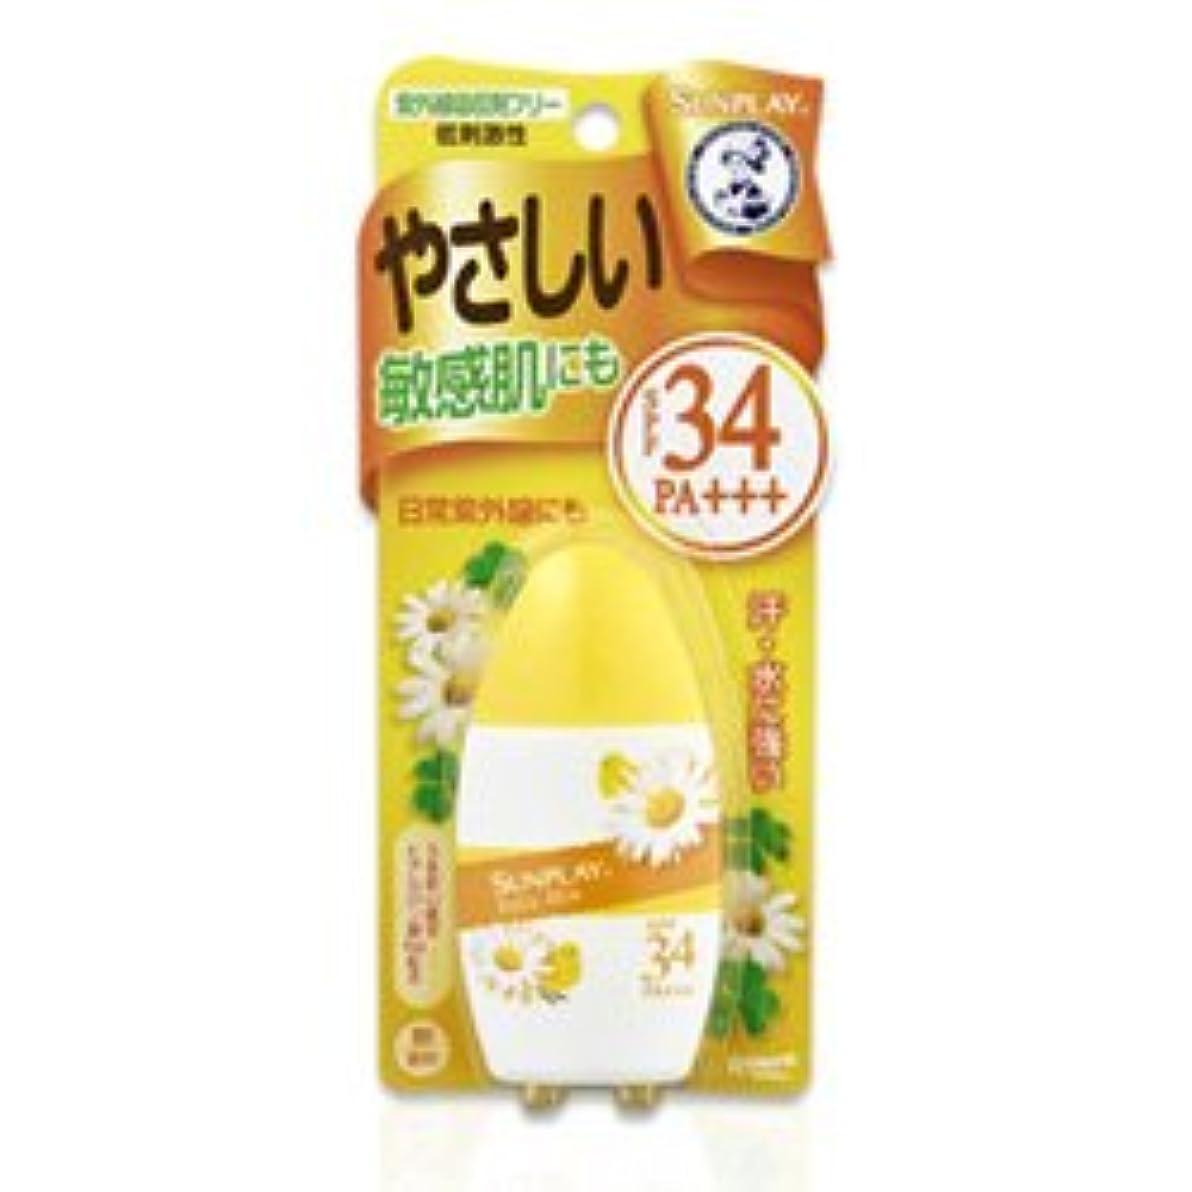 構成シャトルマントル【ロート製薬】メンソレータム サンプレイ ベビーミルク 30g ×5個セット